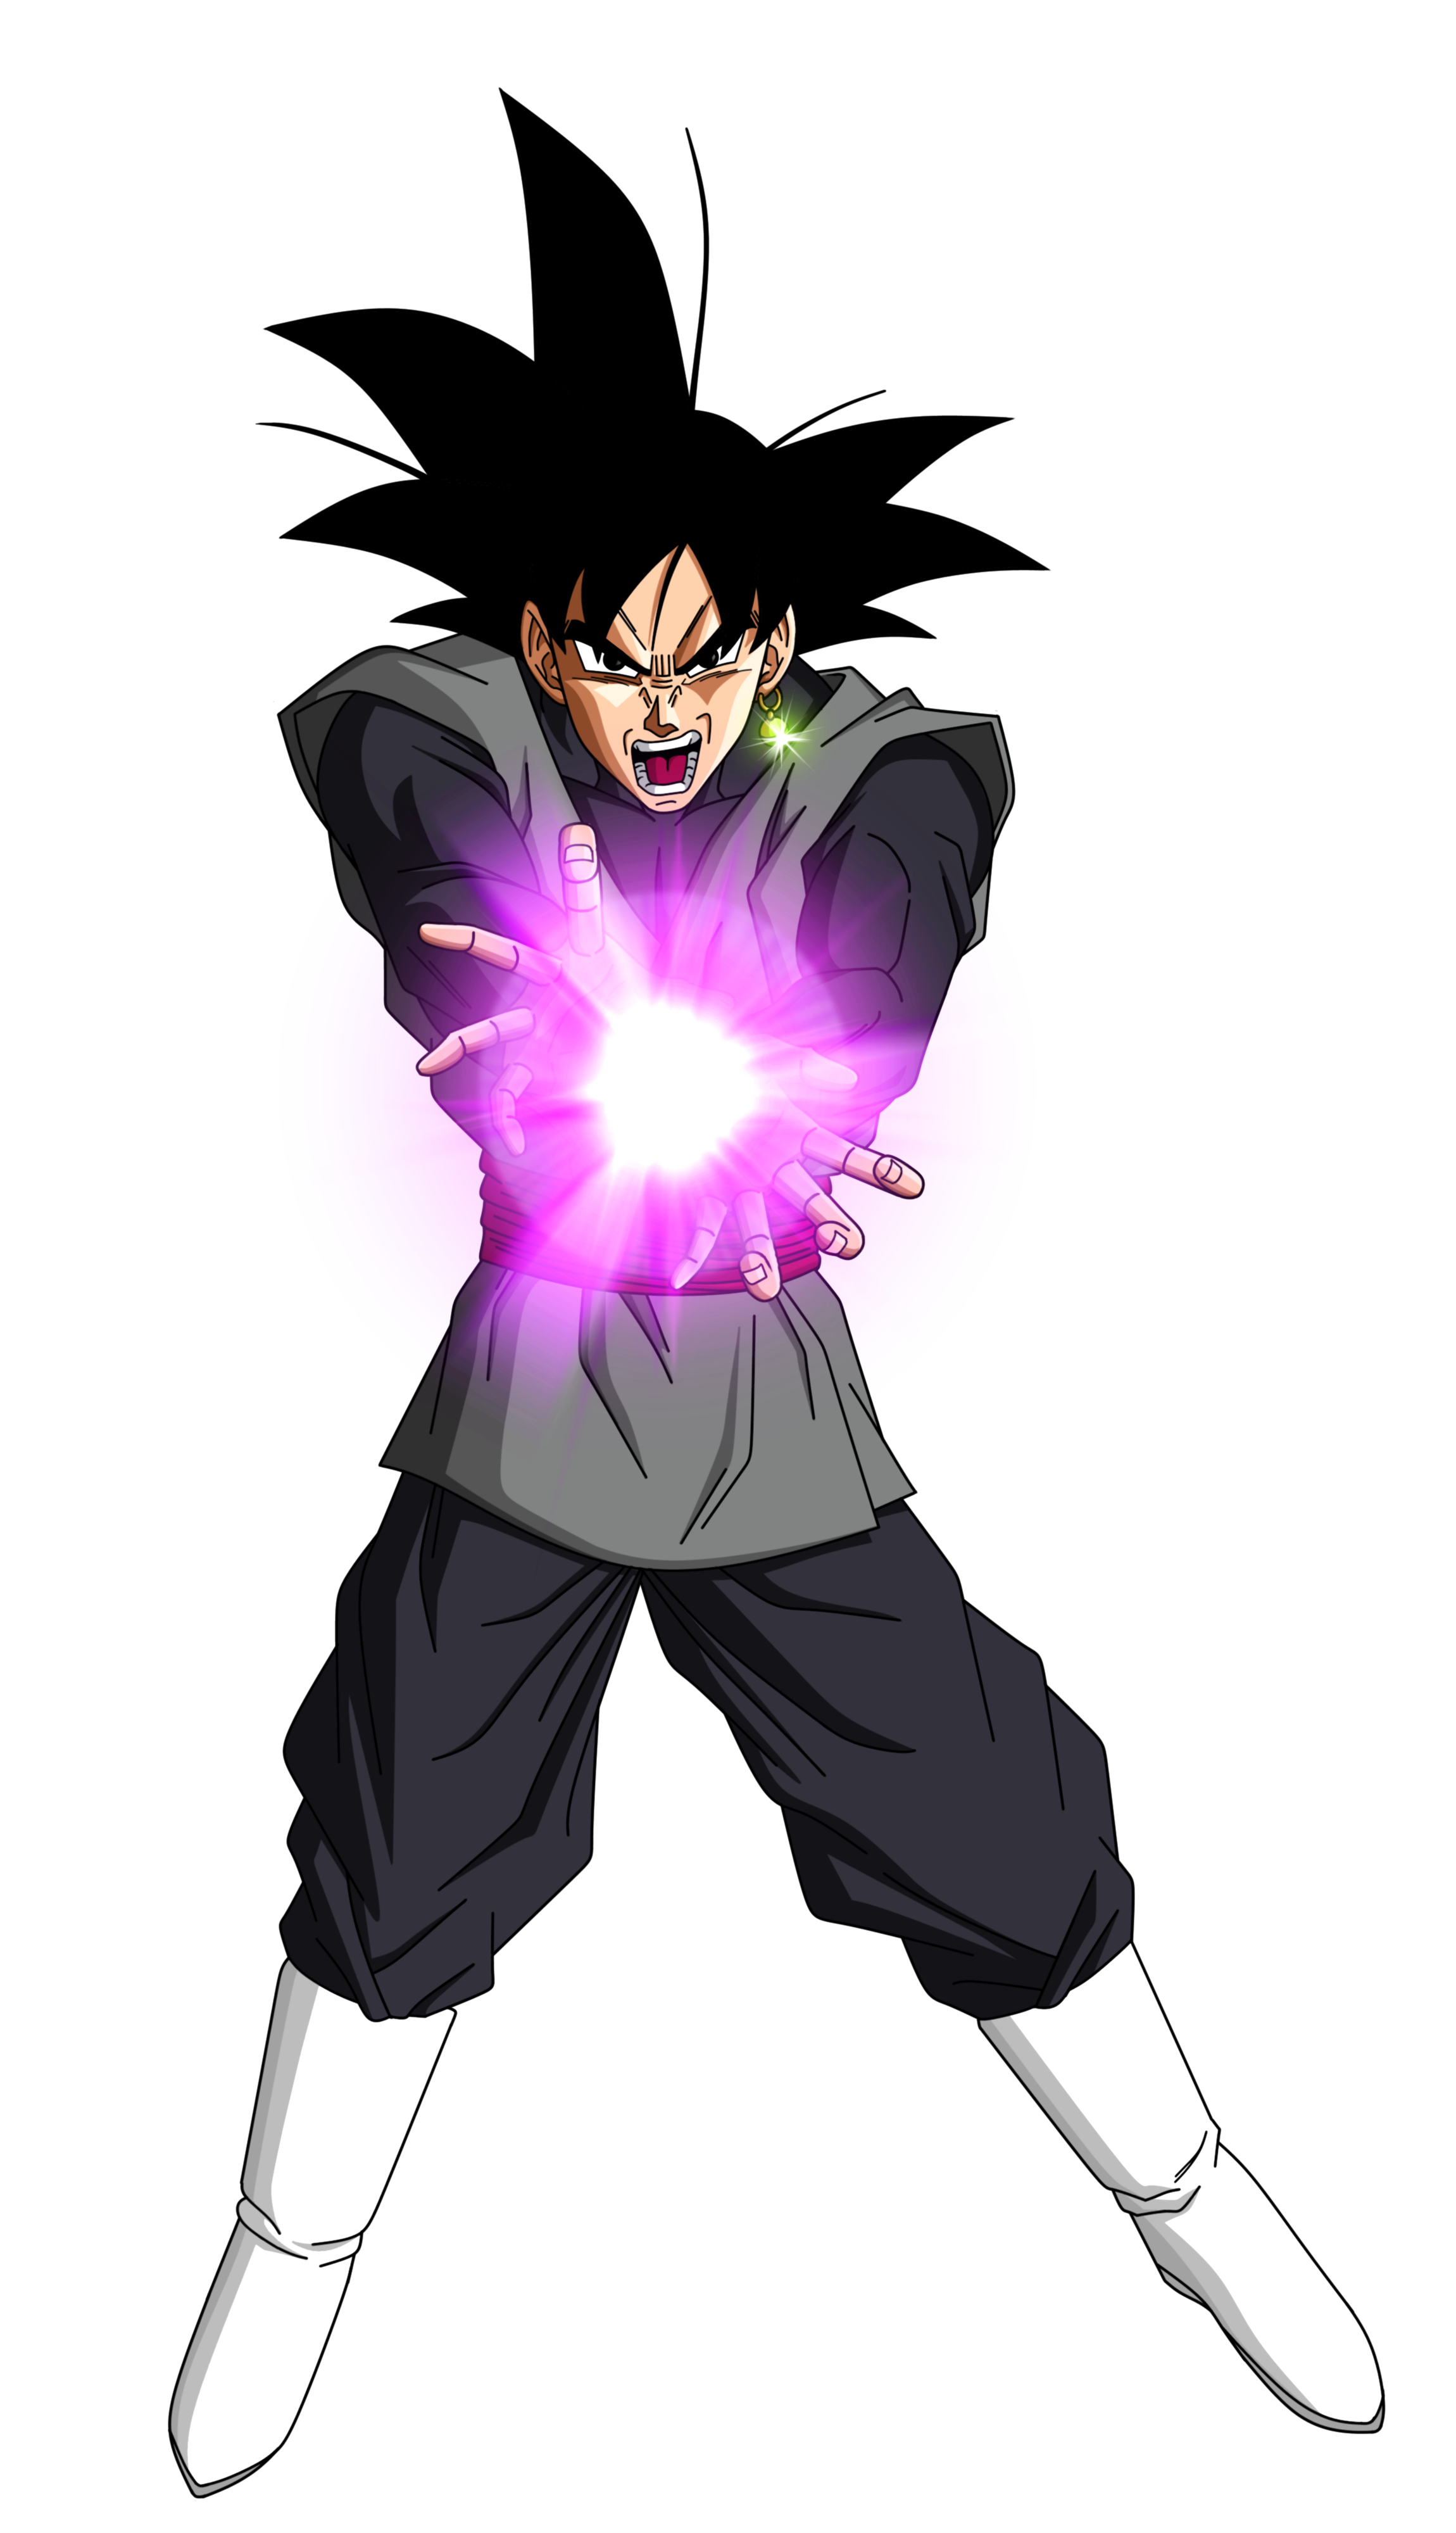 Black Goku Kamehameha by HenriqueDBZ on DeviantArt